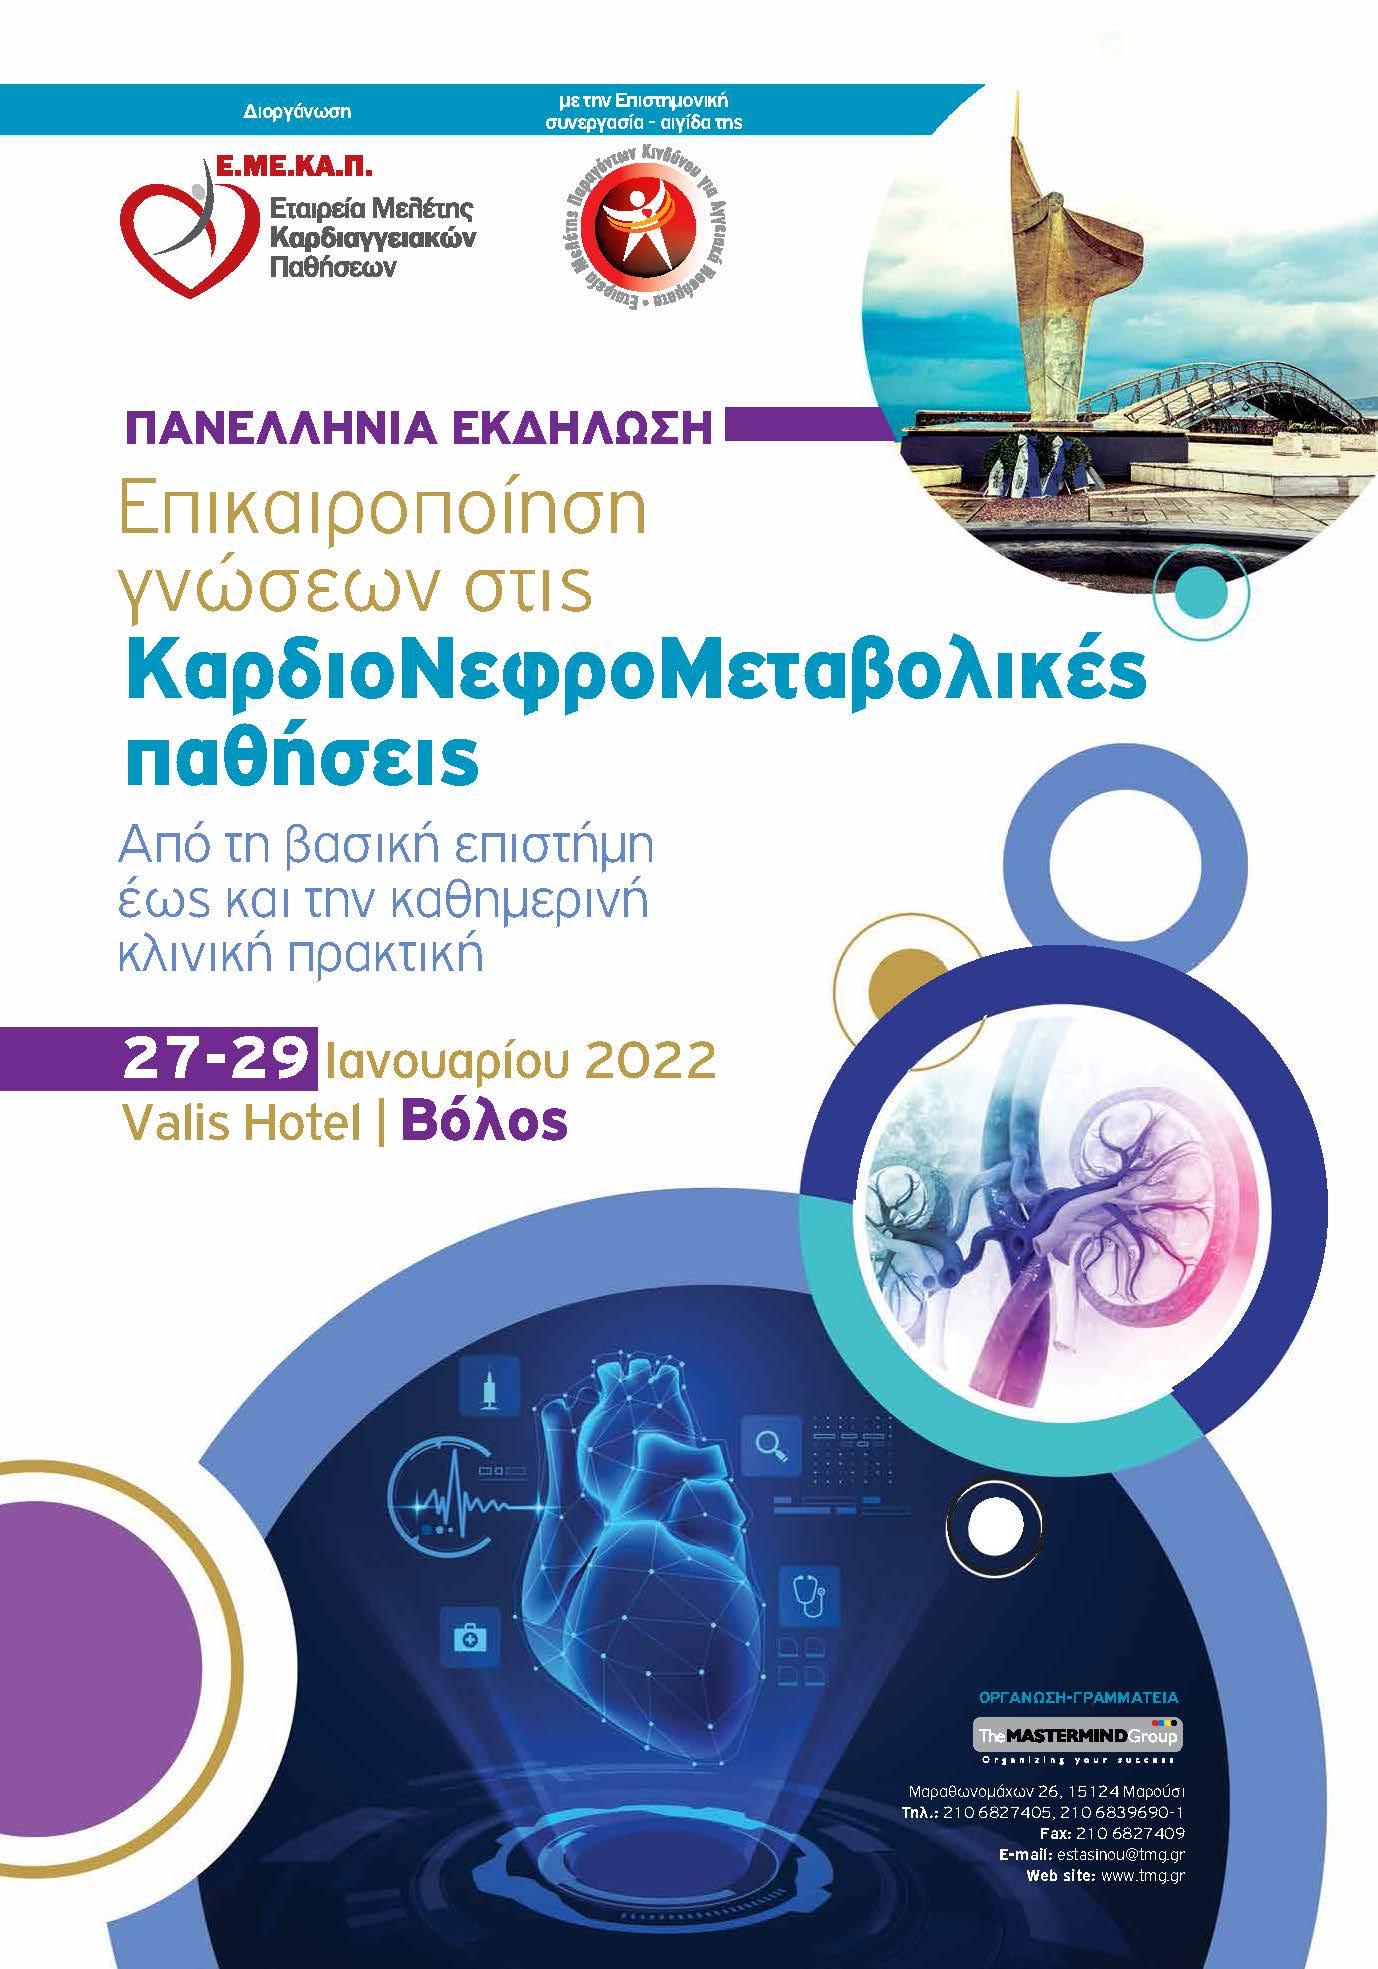 Πανελλήνια Εκδήλωση: Επικαιροποίηση γνώσεων στις ΚαρδιοΝεφροΜεταβολικές παθήσεις